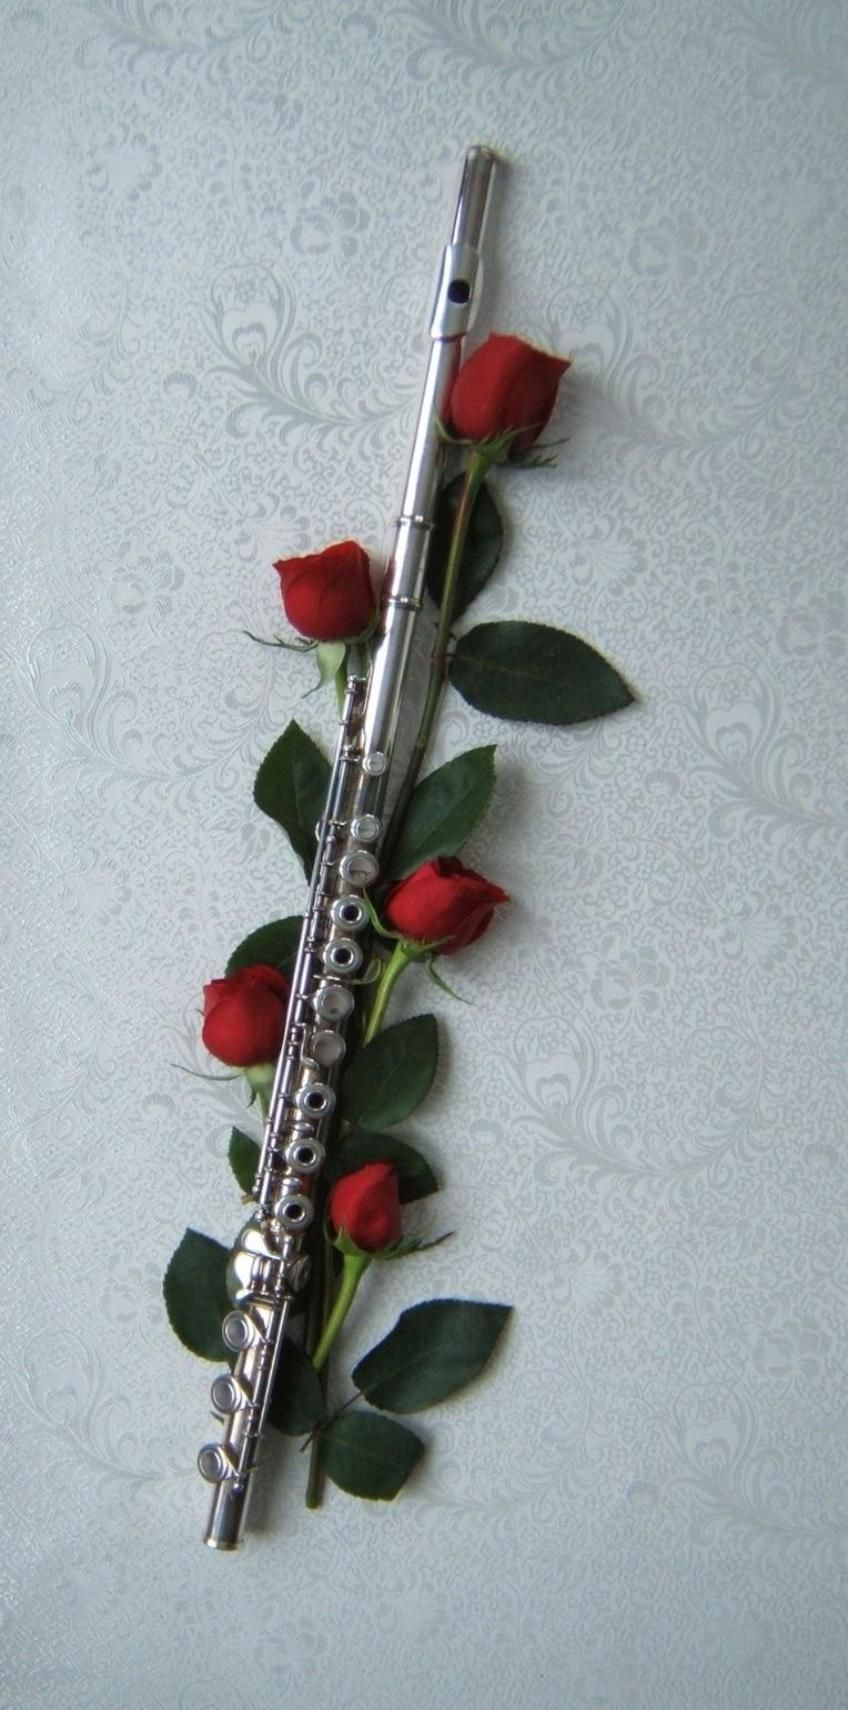 flute - Google Search